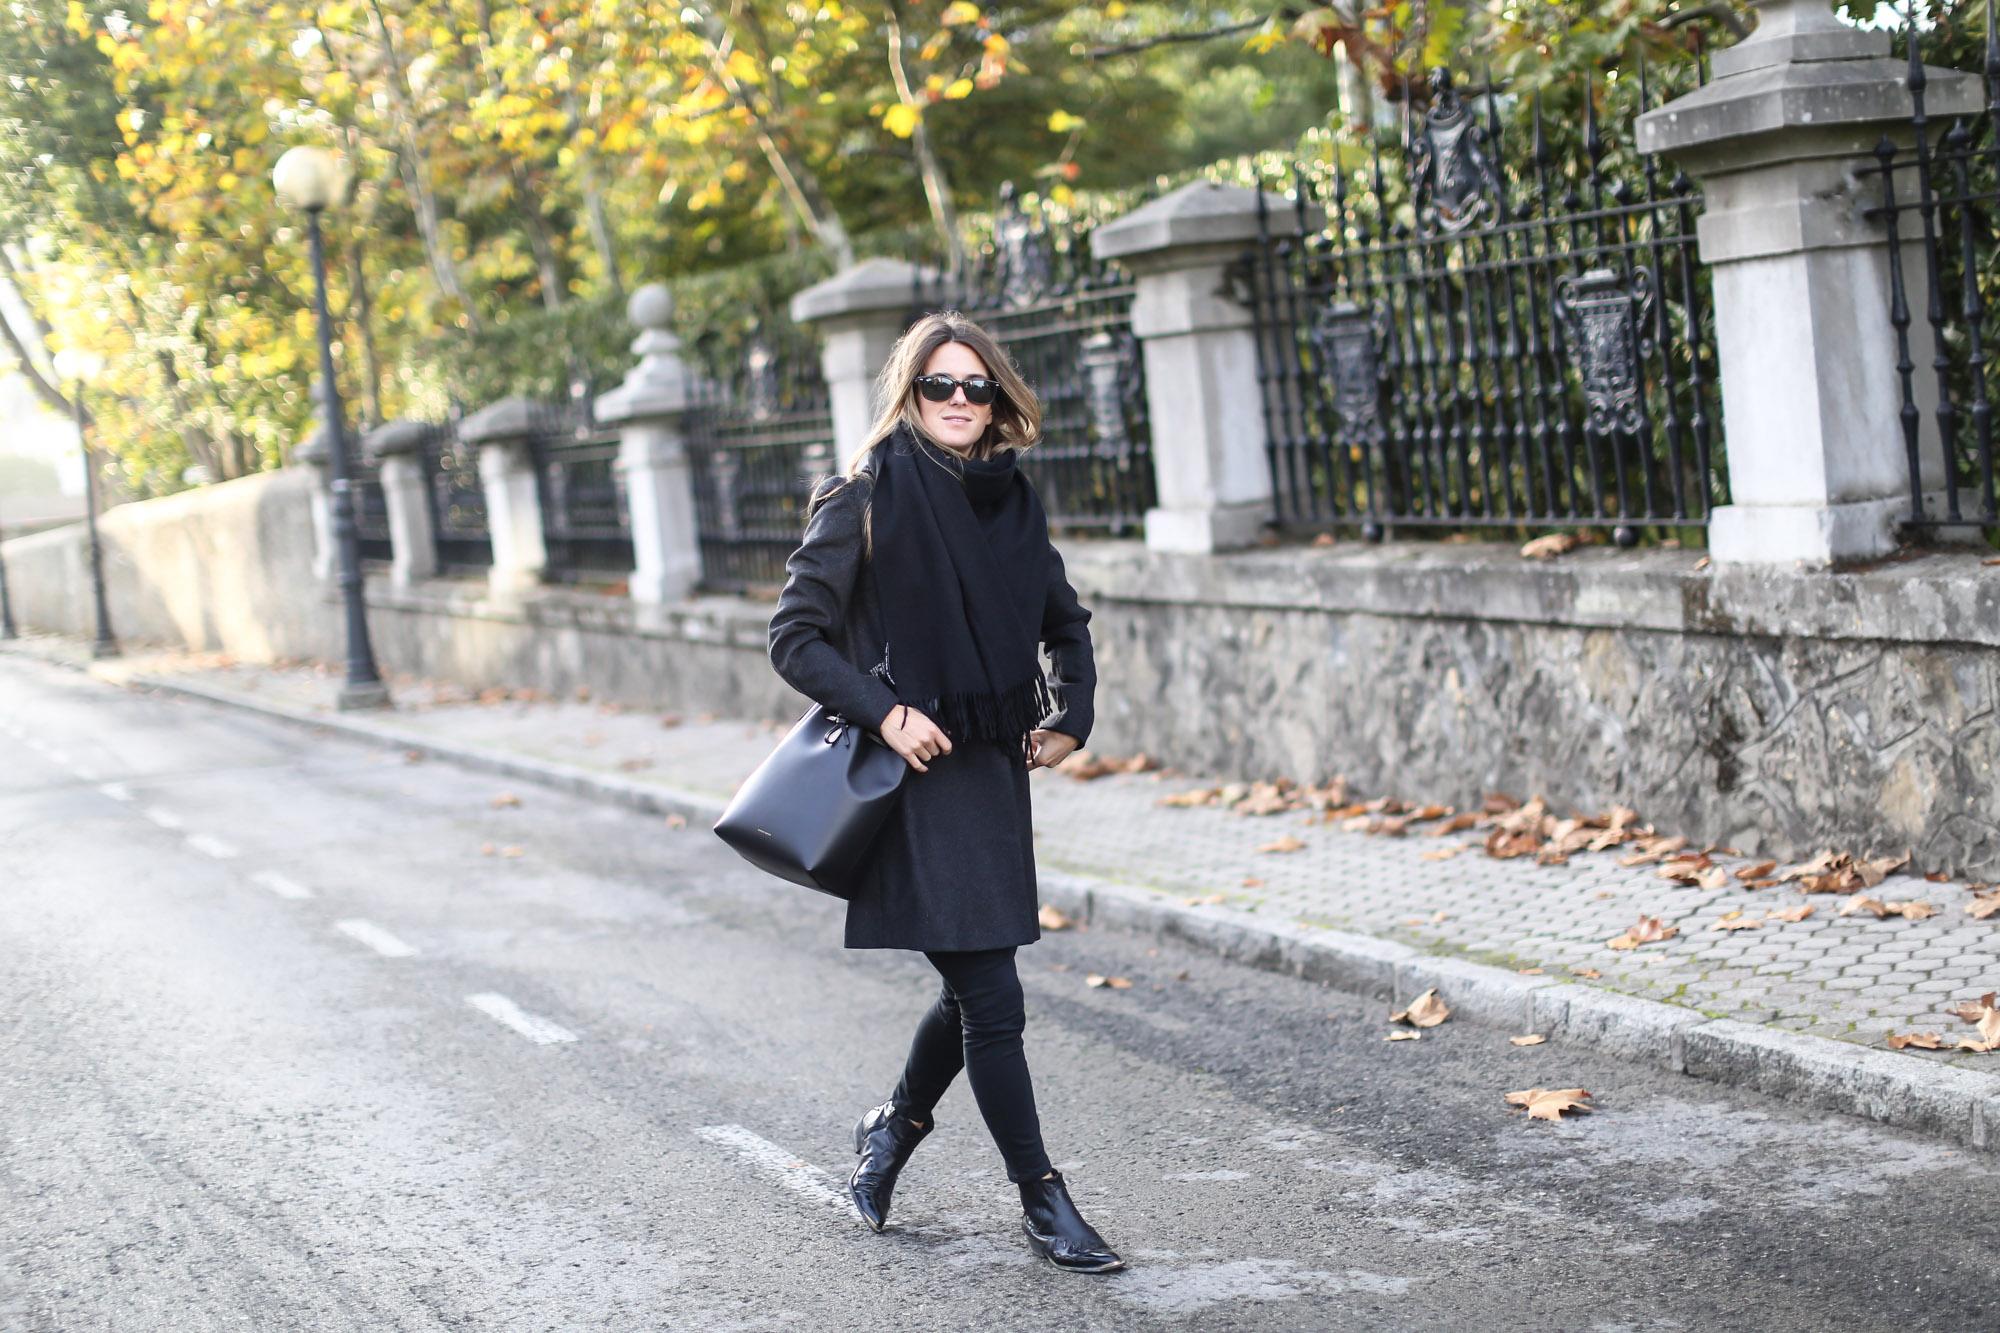 Clochet_streetstyle_eseoese_wool_grey_tailored-coat_mansur_gavriel_bucket_bag-5